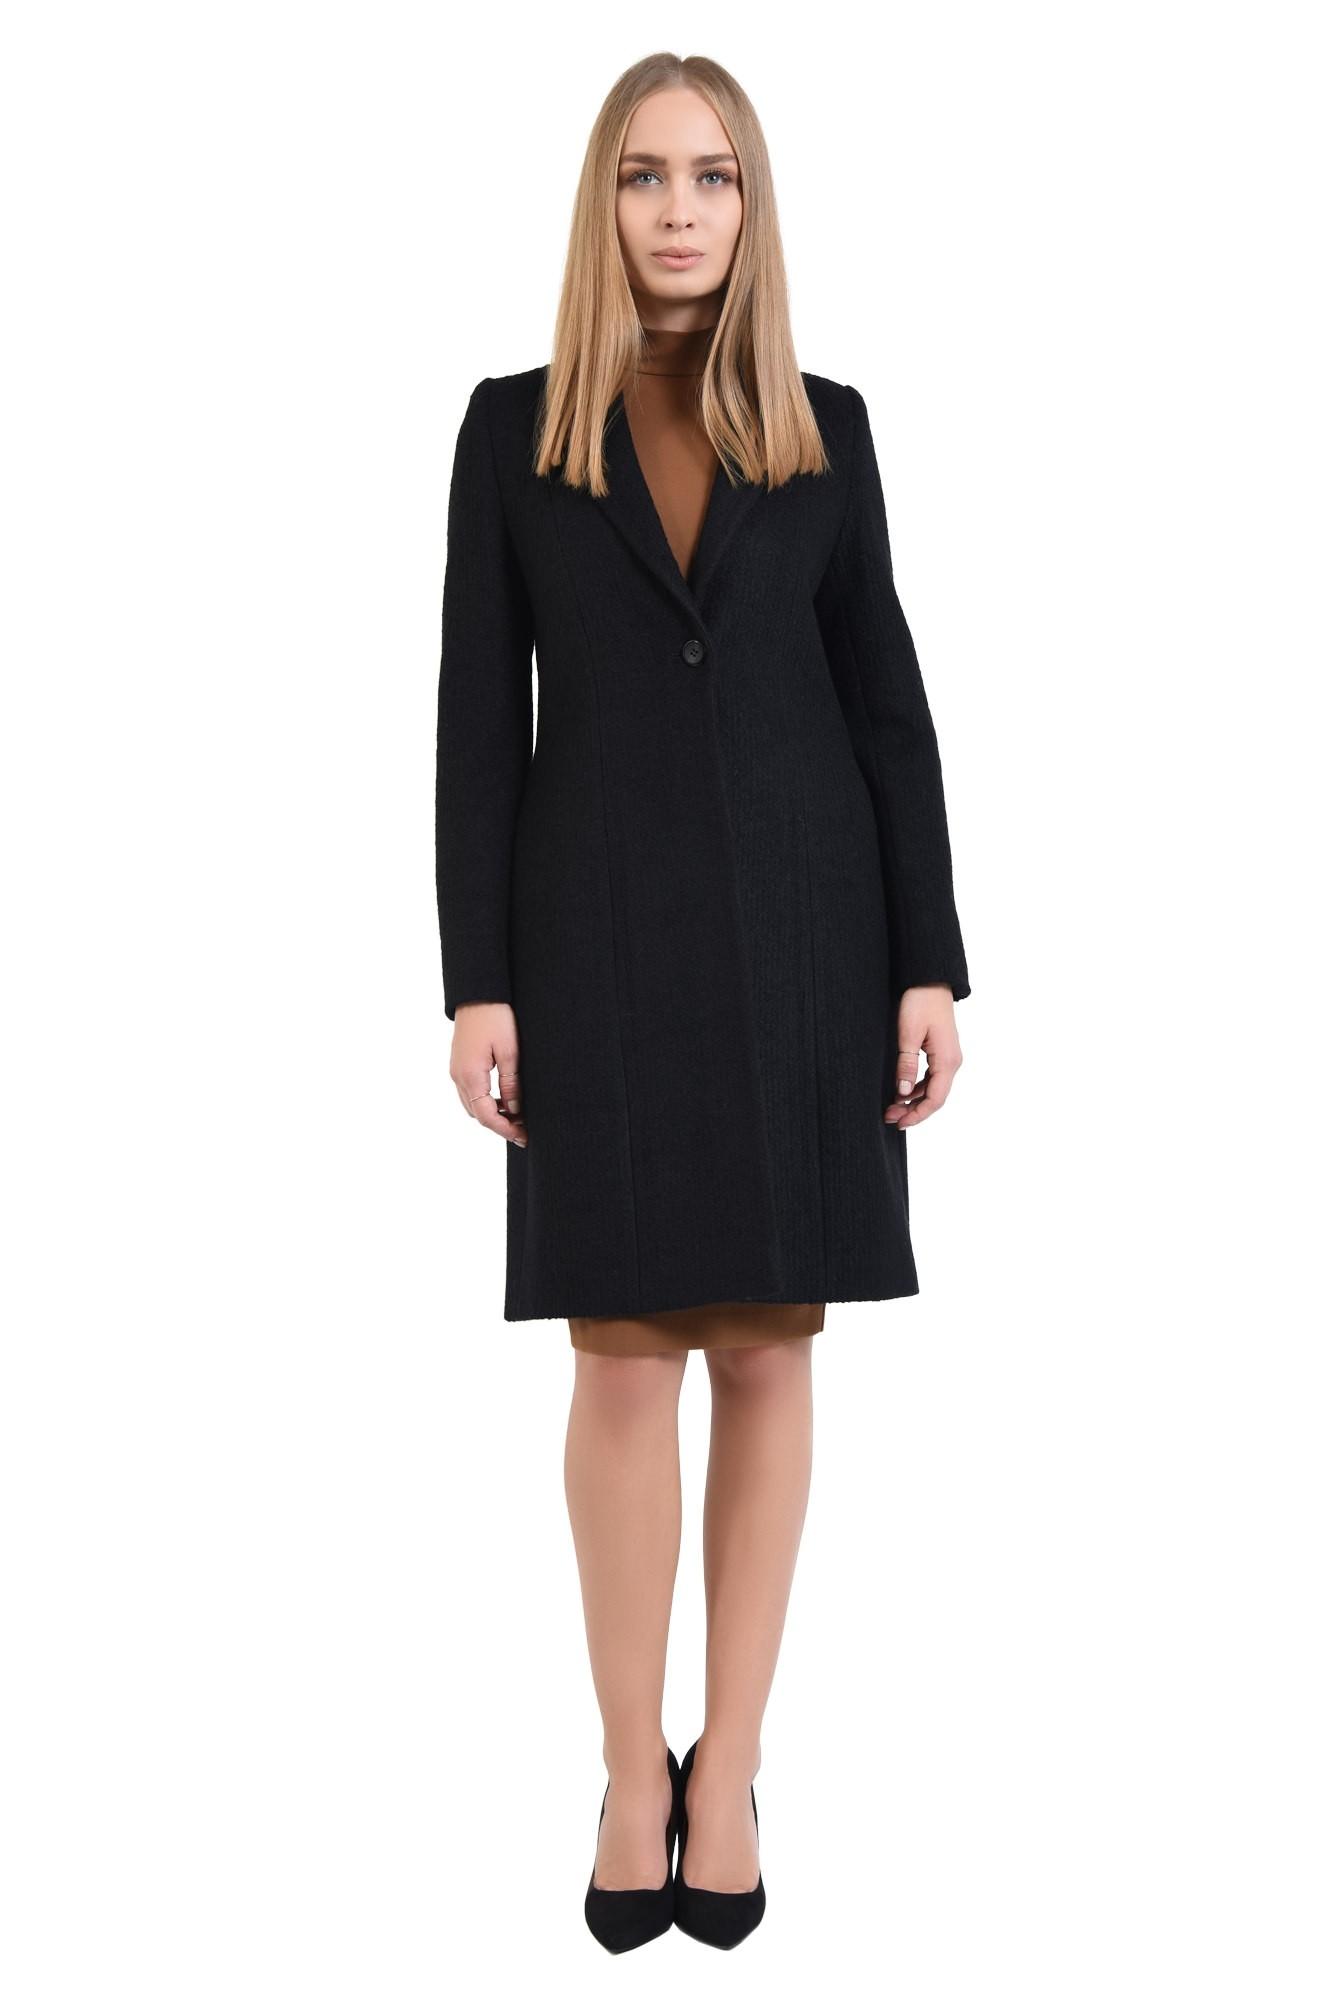 3 - 360 - palton negru, cu revere rotunjite, inchidere cu butoniera